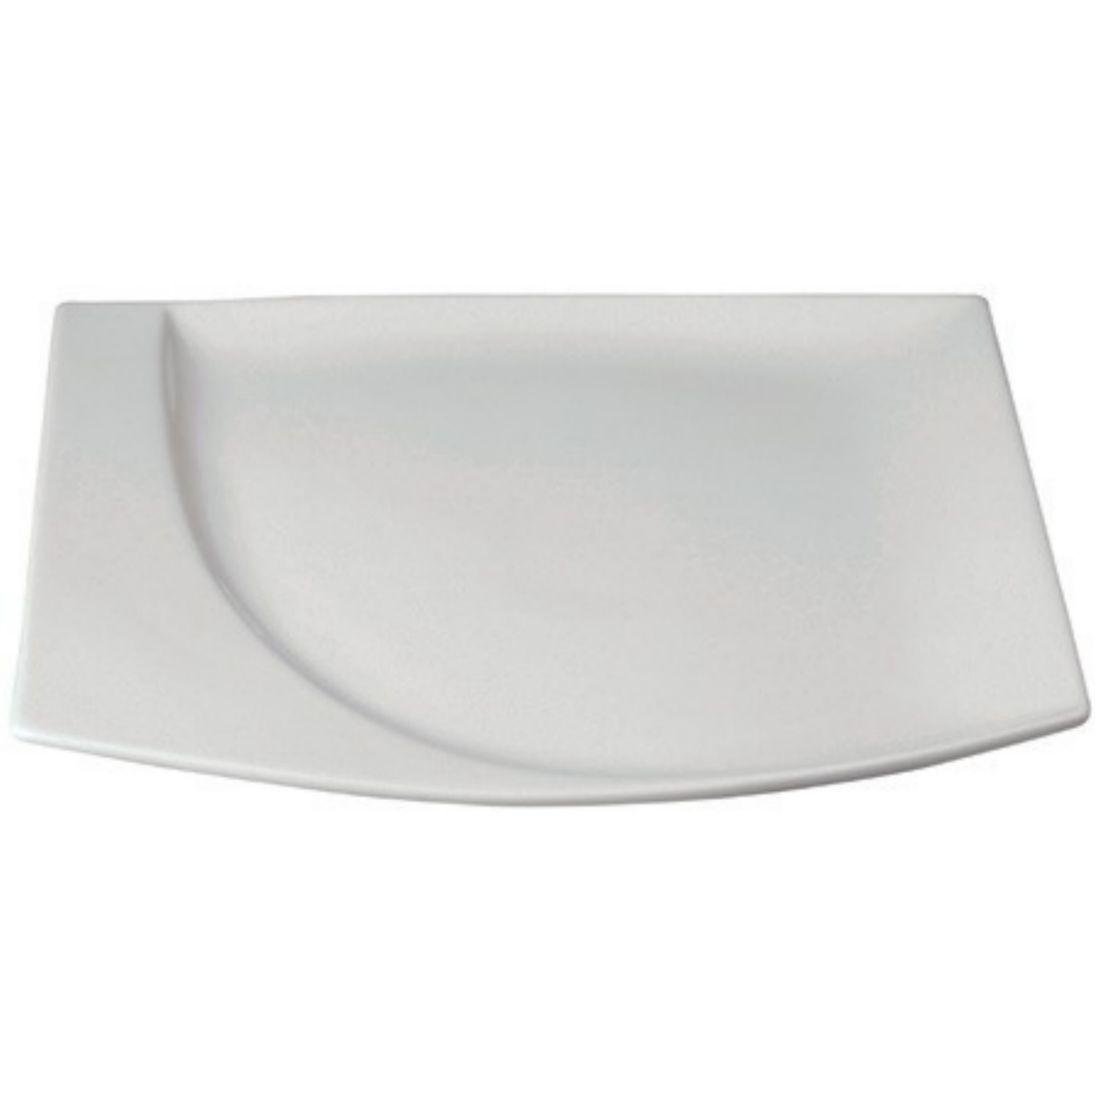 Mazza Talíř mělký obdélný 26 x 23,5 cm